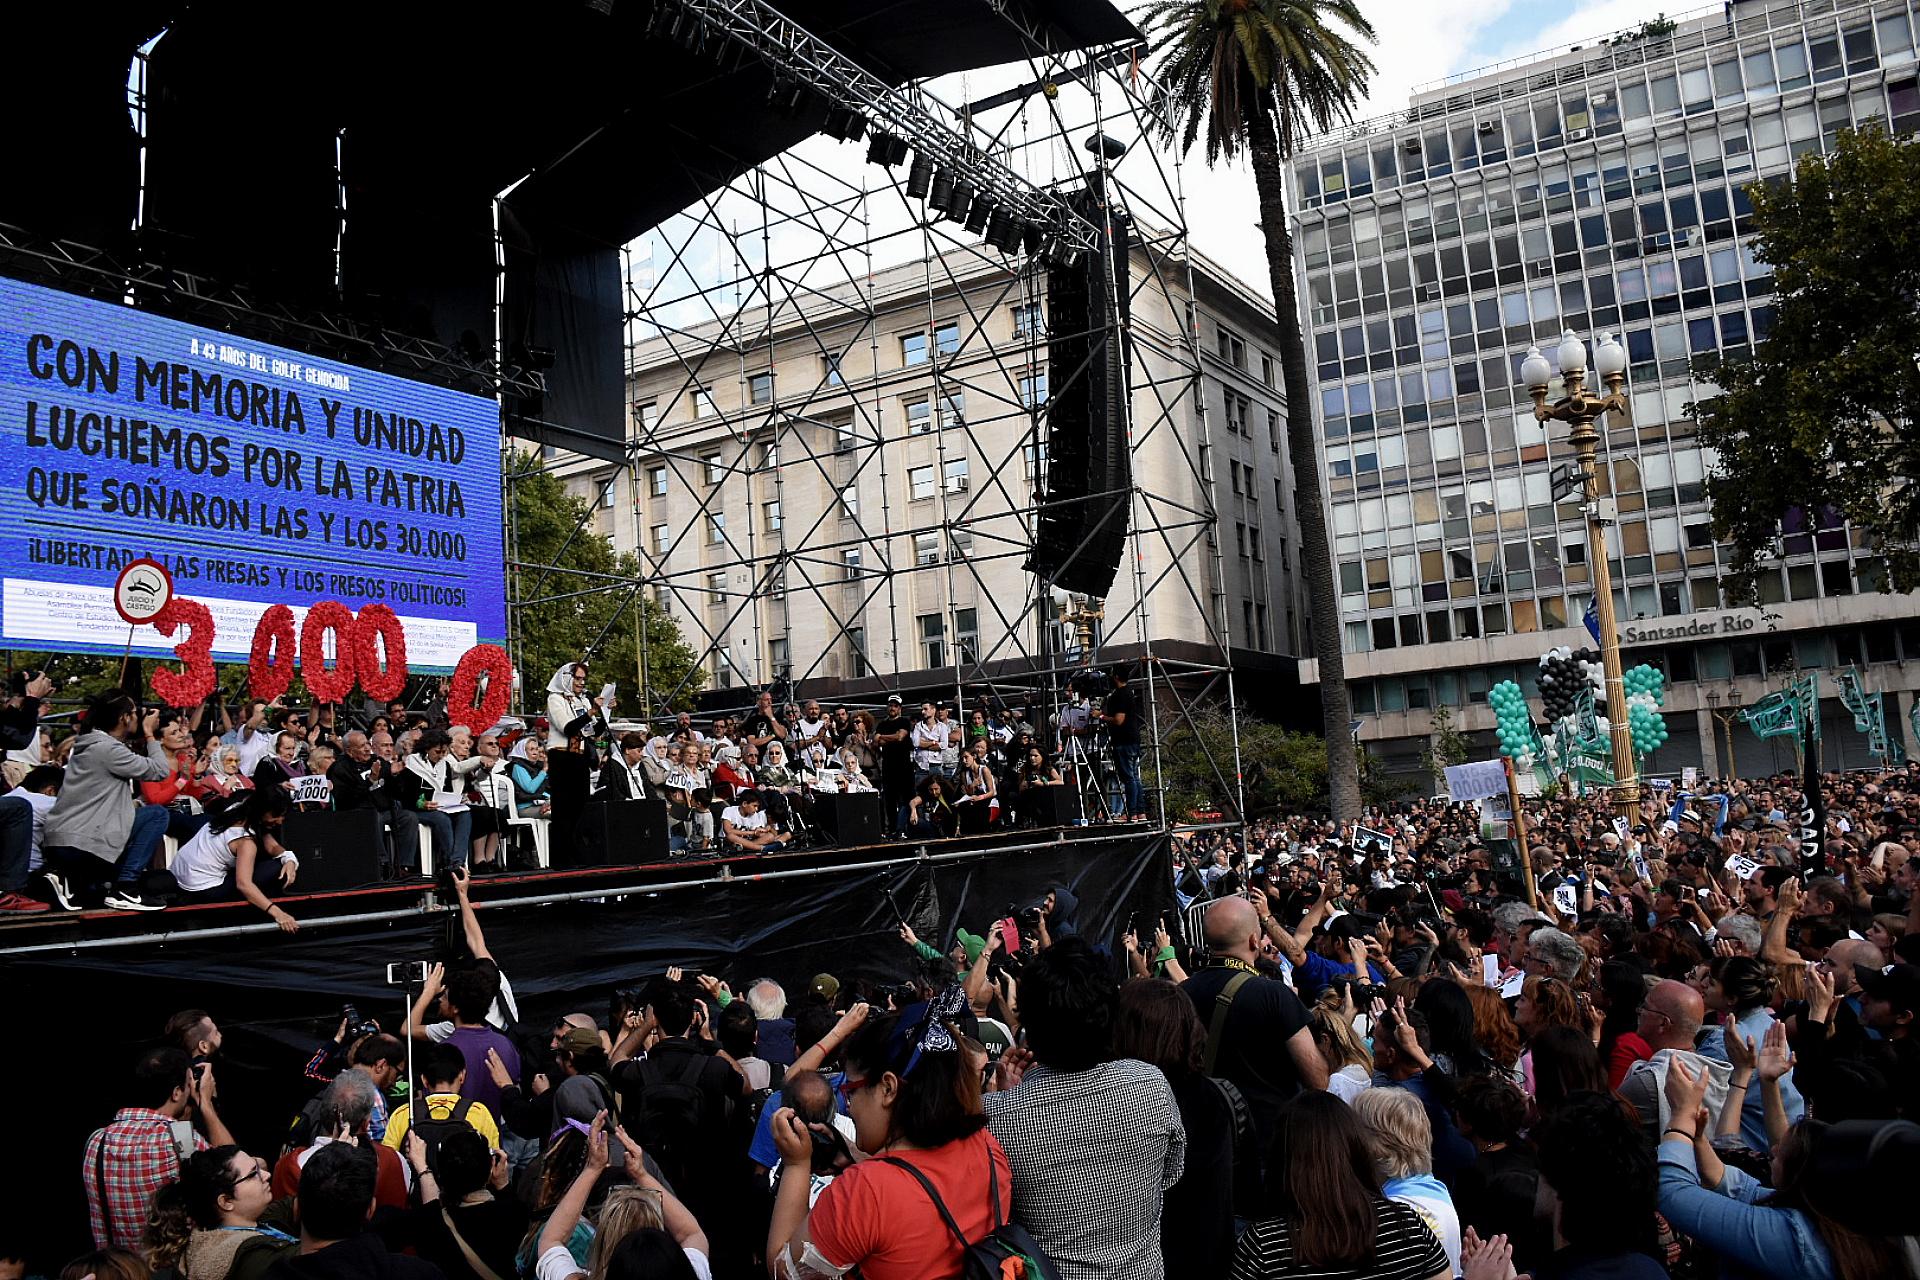 El escenario central donde estuvieron las Abuelas de Plaza de Mayo (Nicolás Stulberg)